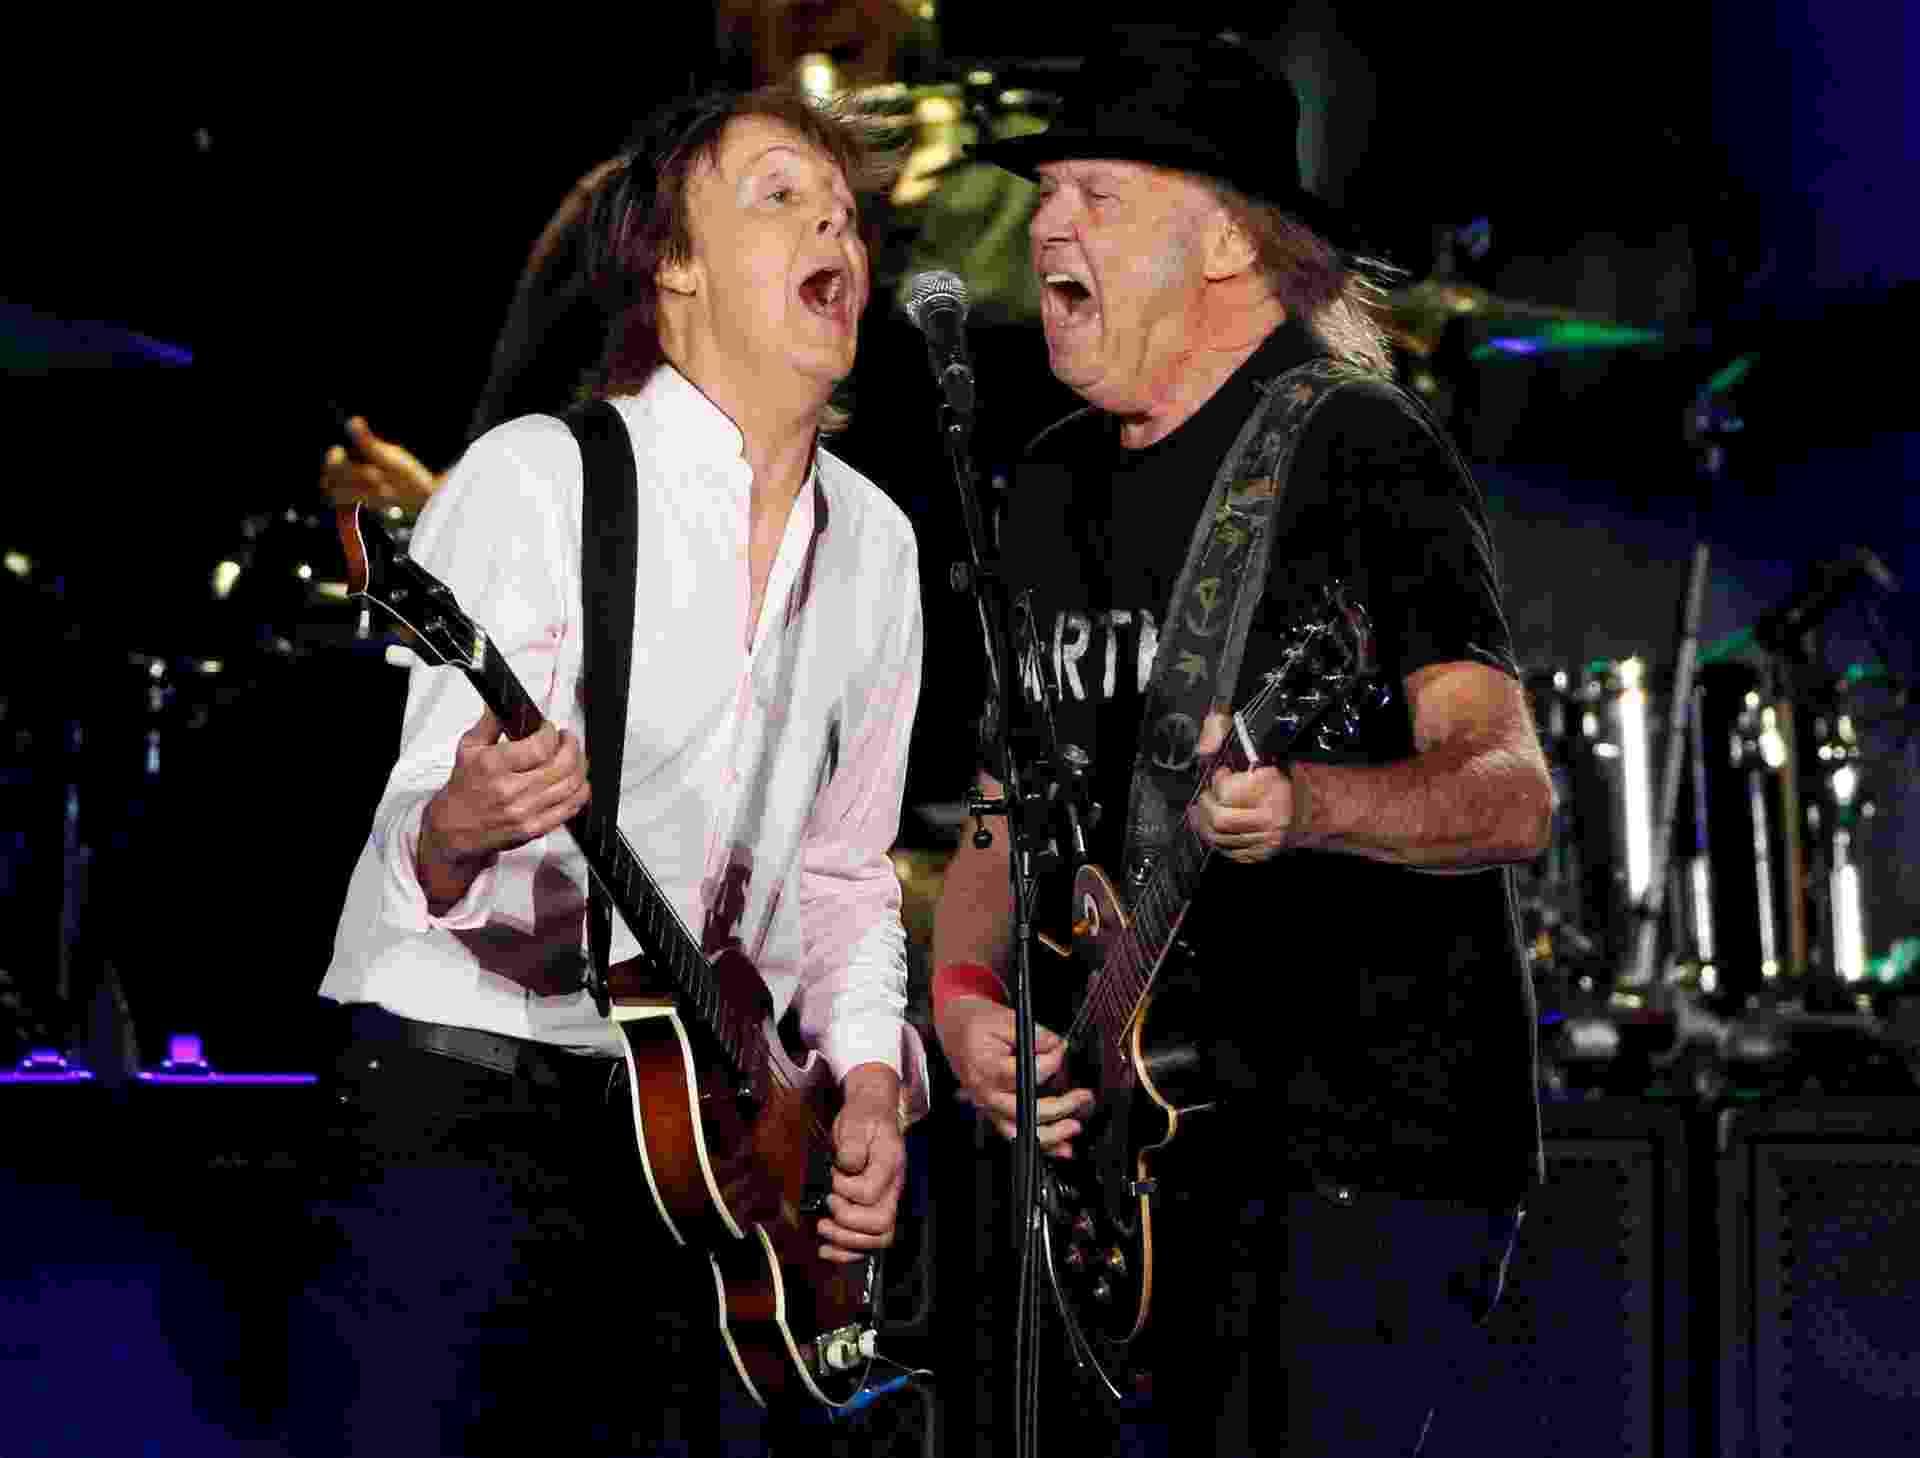 8.out.2016 - Paul McCartney recebe Neil Young no palco durante seu show no Desert Trip, megafestival que reuniu os maiores nomes do rock na cidade de Indio, na Califórnia - Mario Anzuoni/Reuters